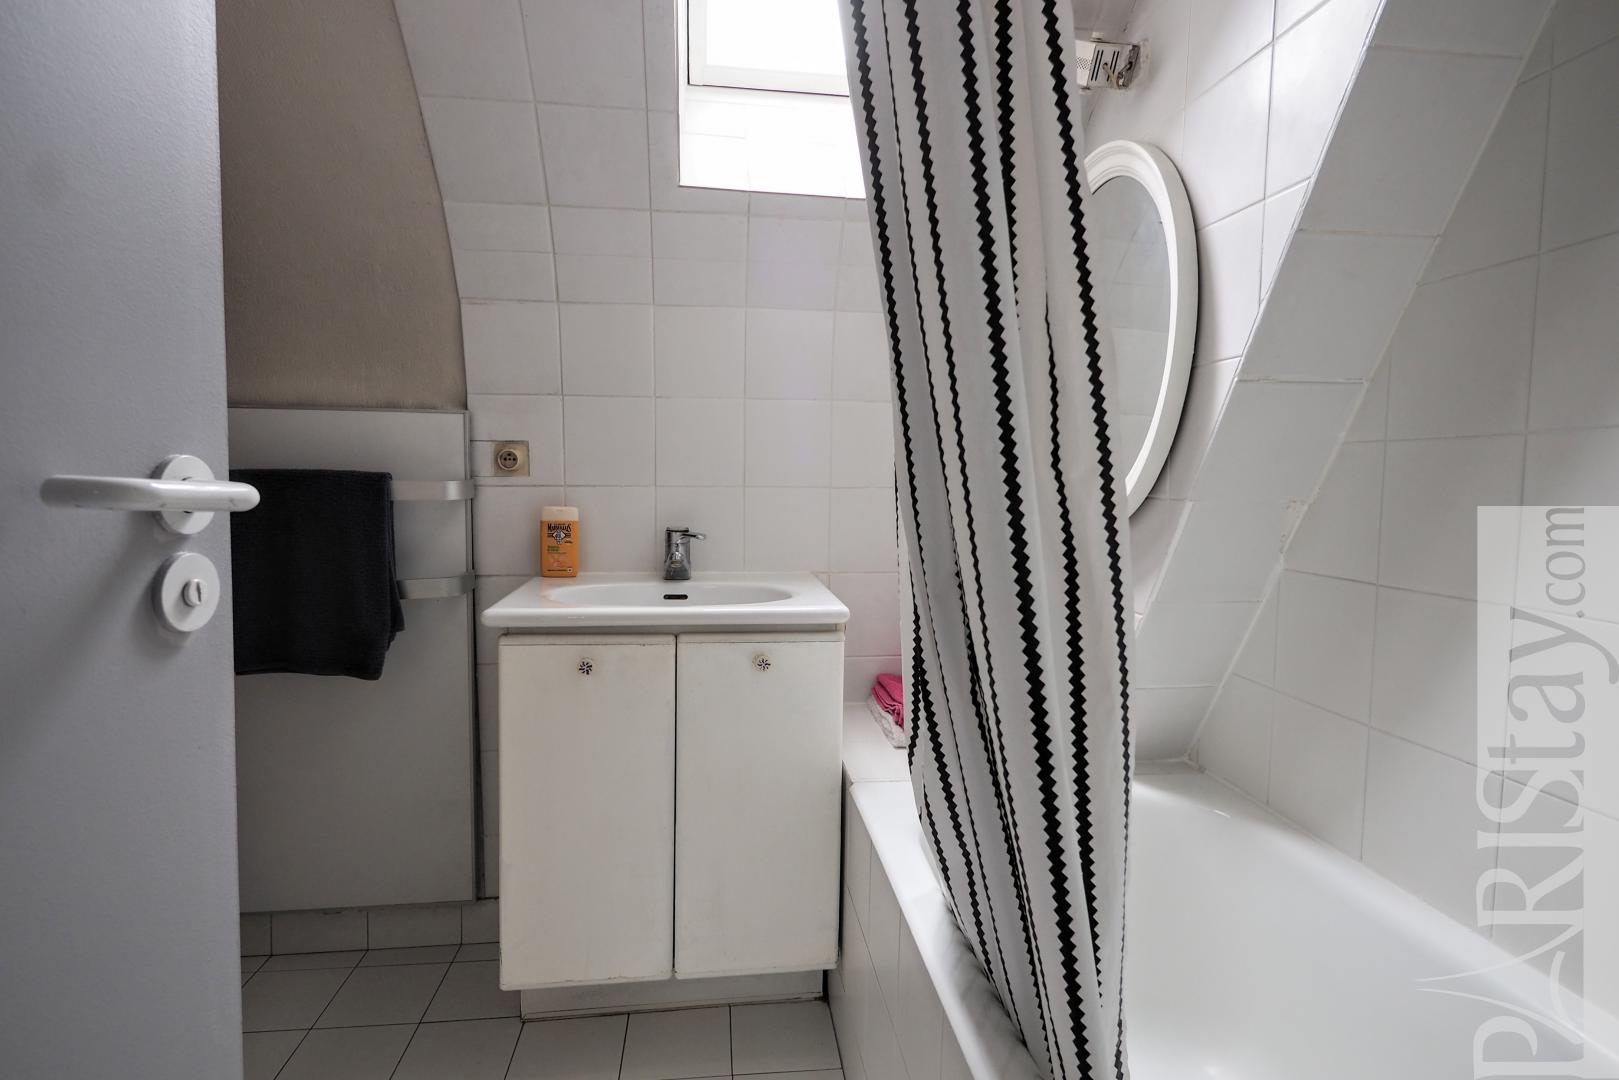 location appartement paris saint germain des pres t3 meuble. Black Bedroom Furniture Sets. Home Design Ideas